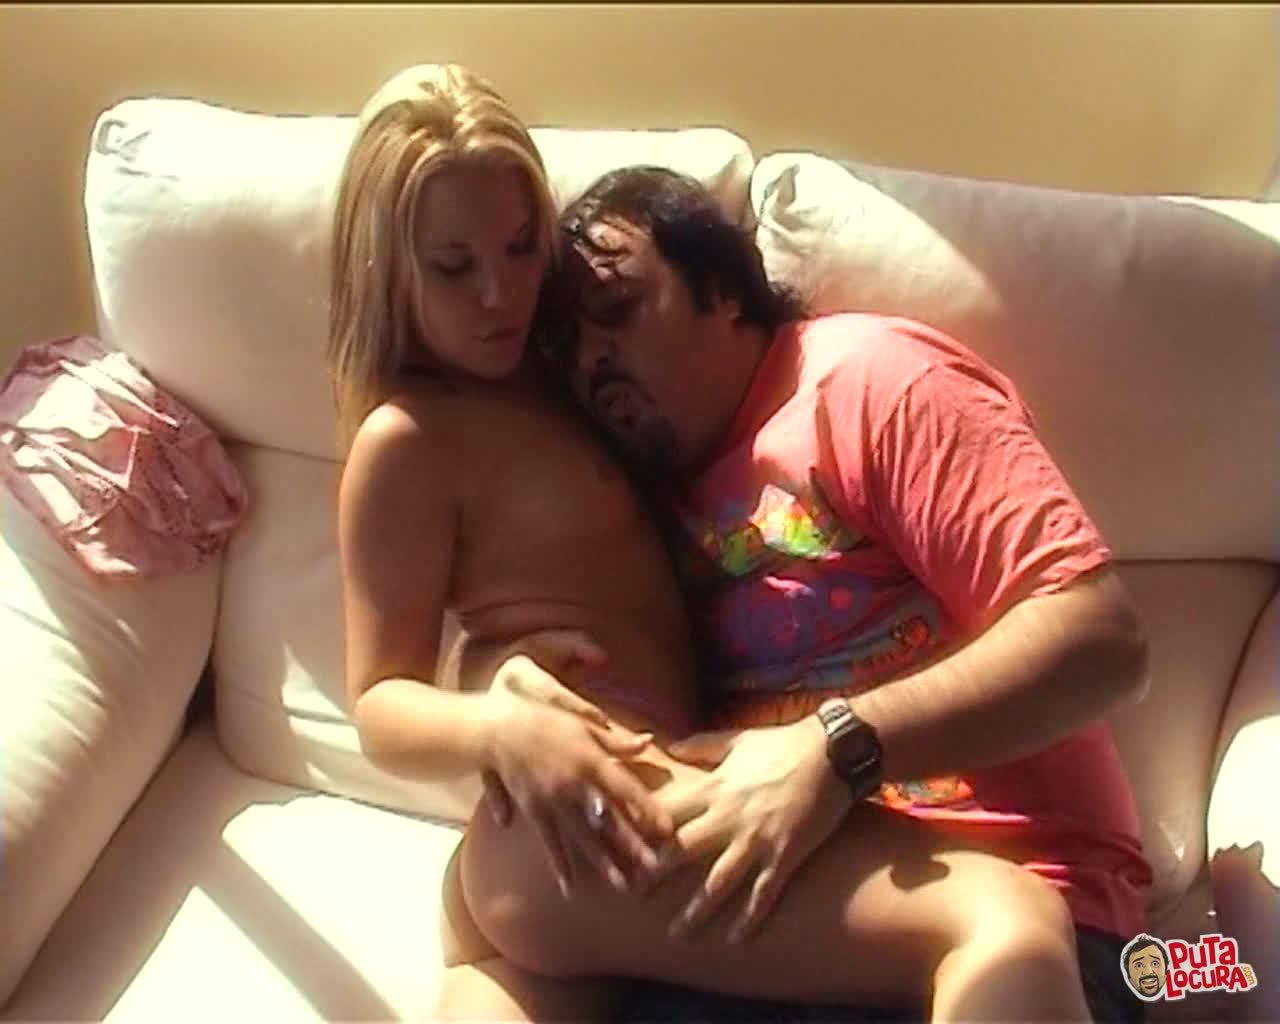 Anastasia Mayo Y Torbe con la hija de su amante!   putalocura